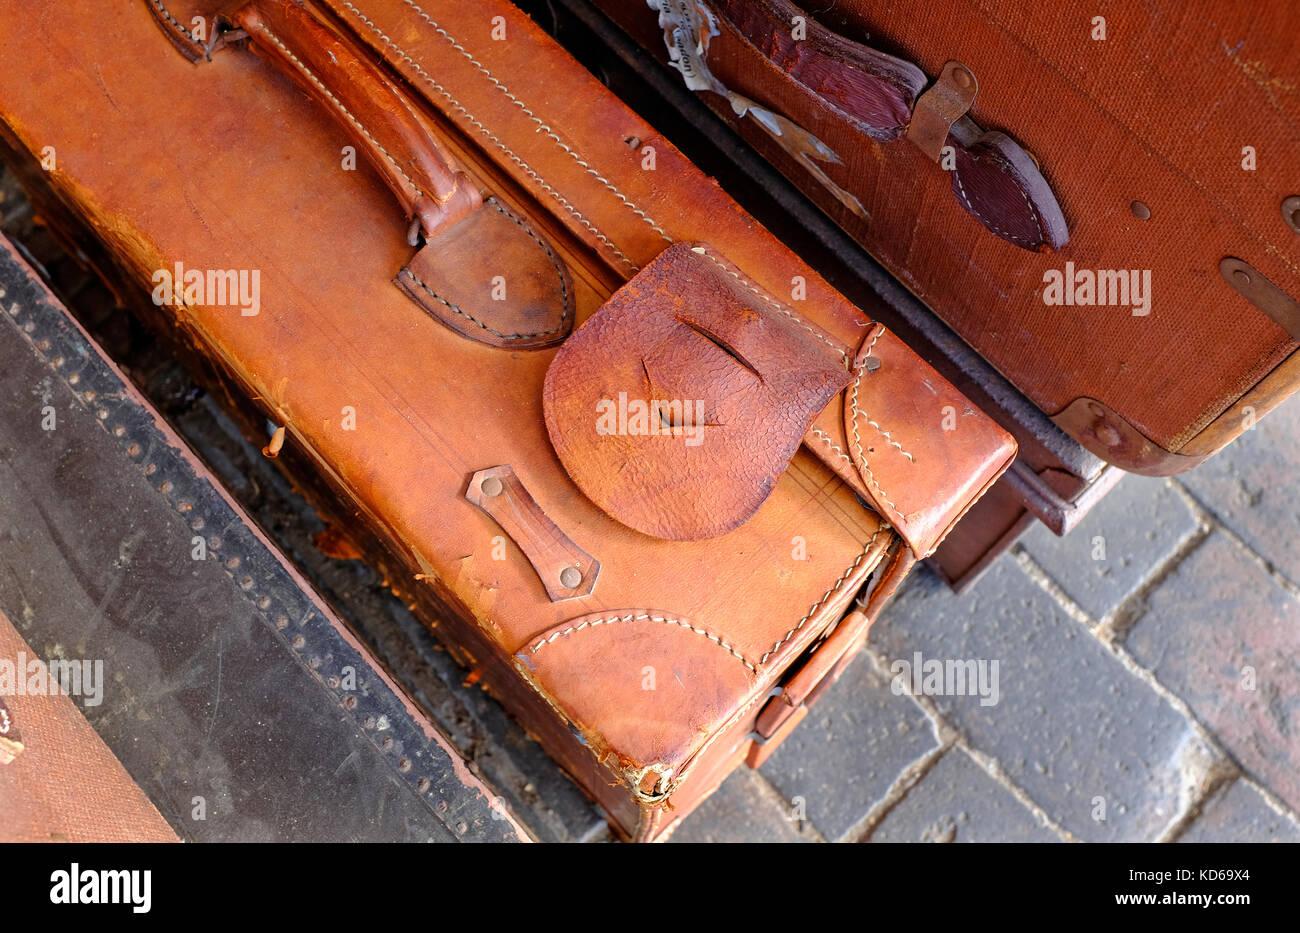 vintage retro style leather luggage - Stock Image